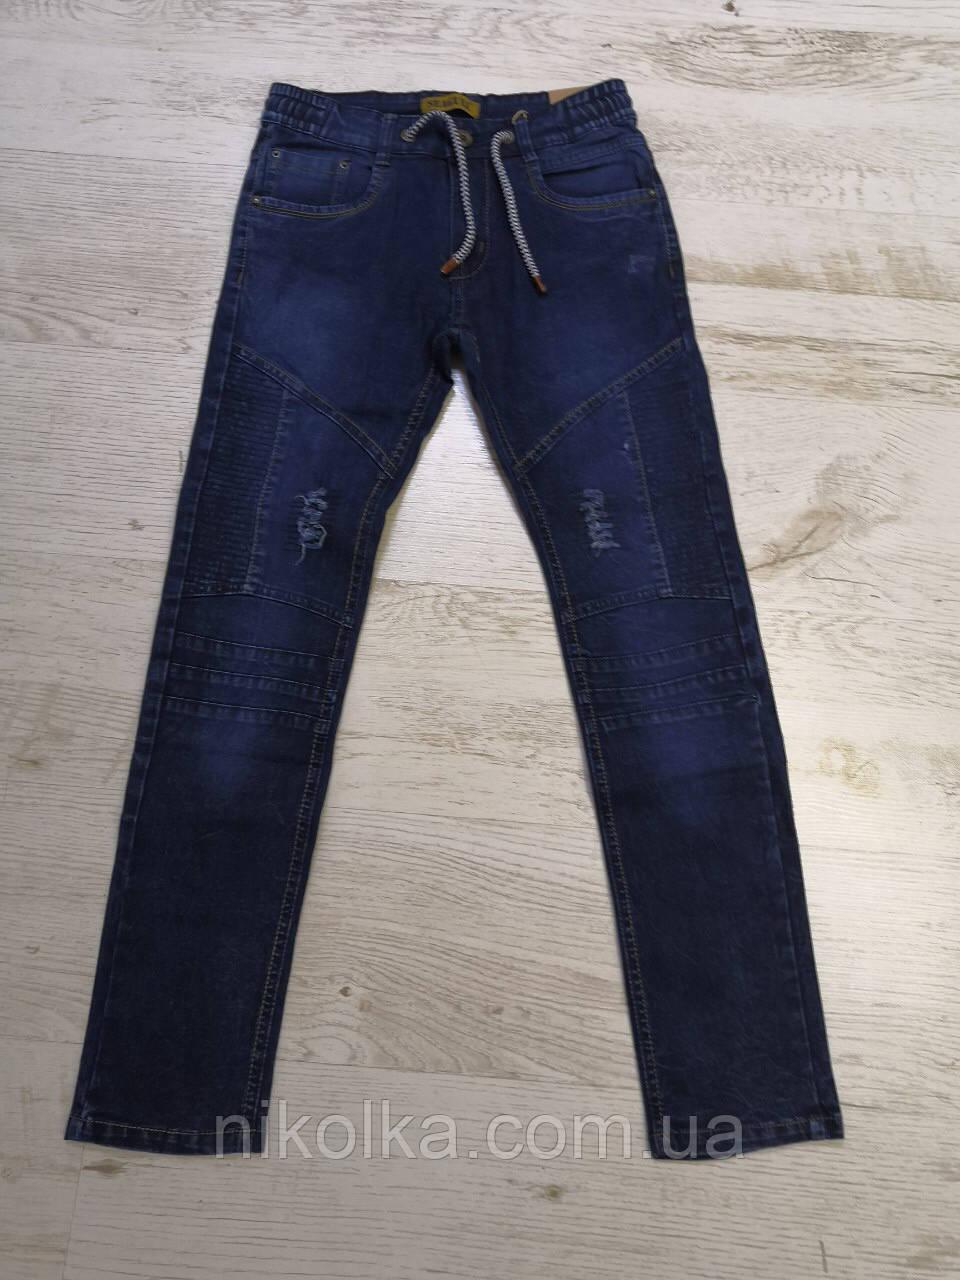 Джинсовые брюки для мальчиков оптом, Seagull, 134-164 рр., арт. CSQ-56801